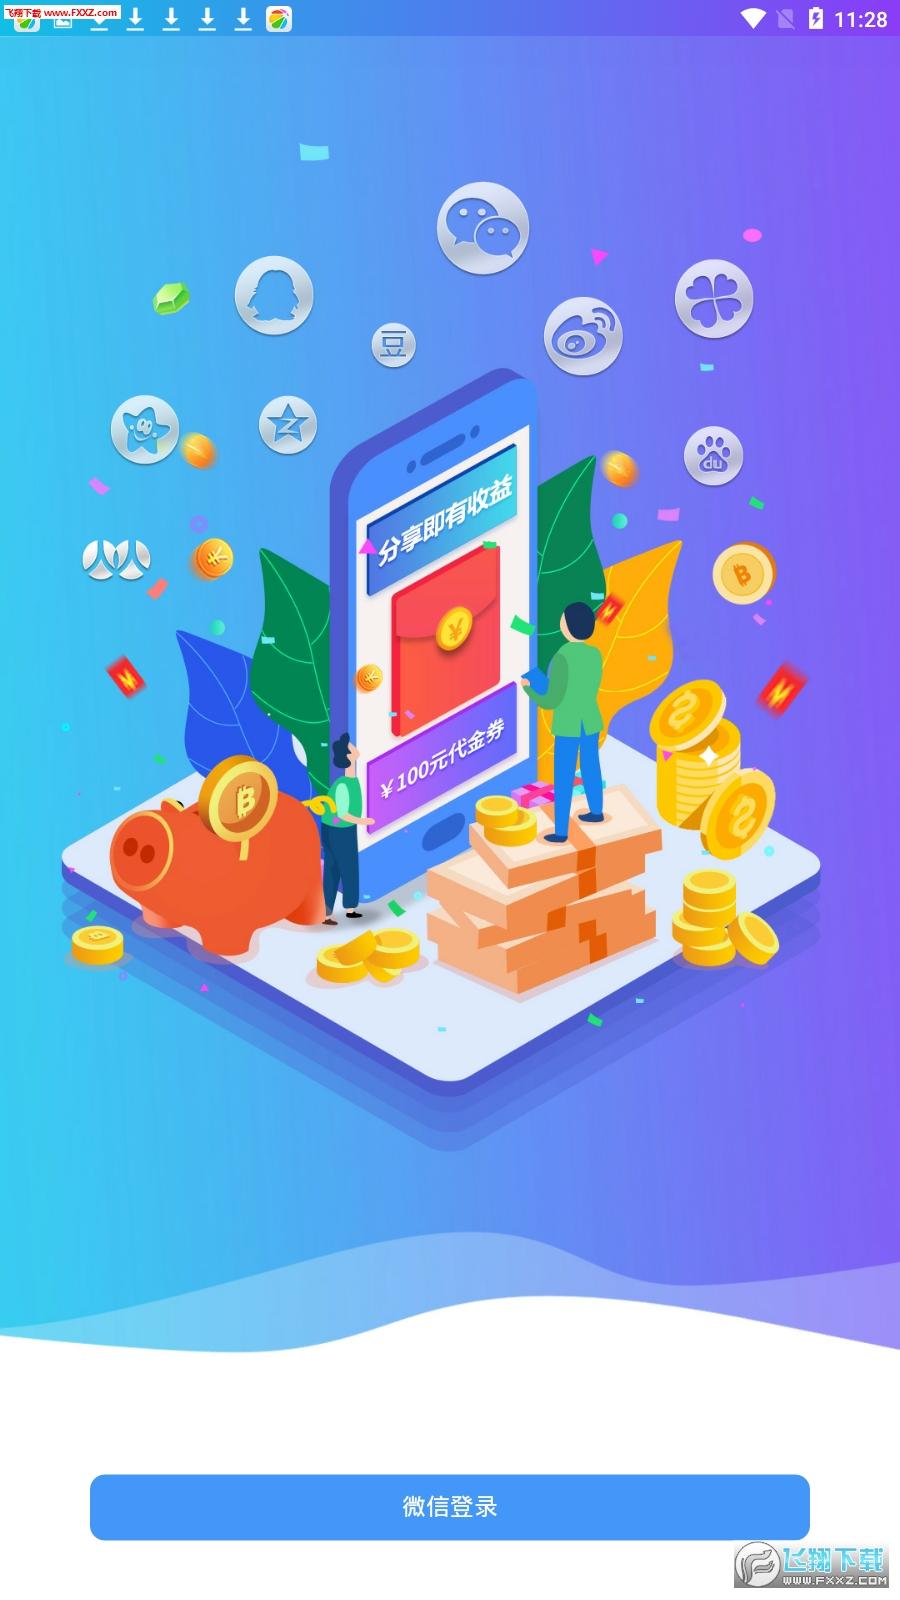 华强影院官方app0.0.11截图1